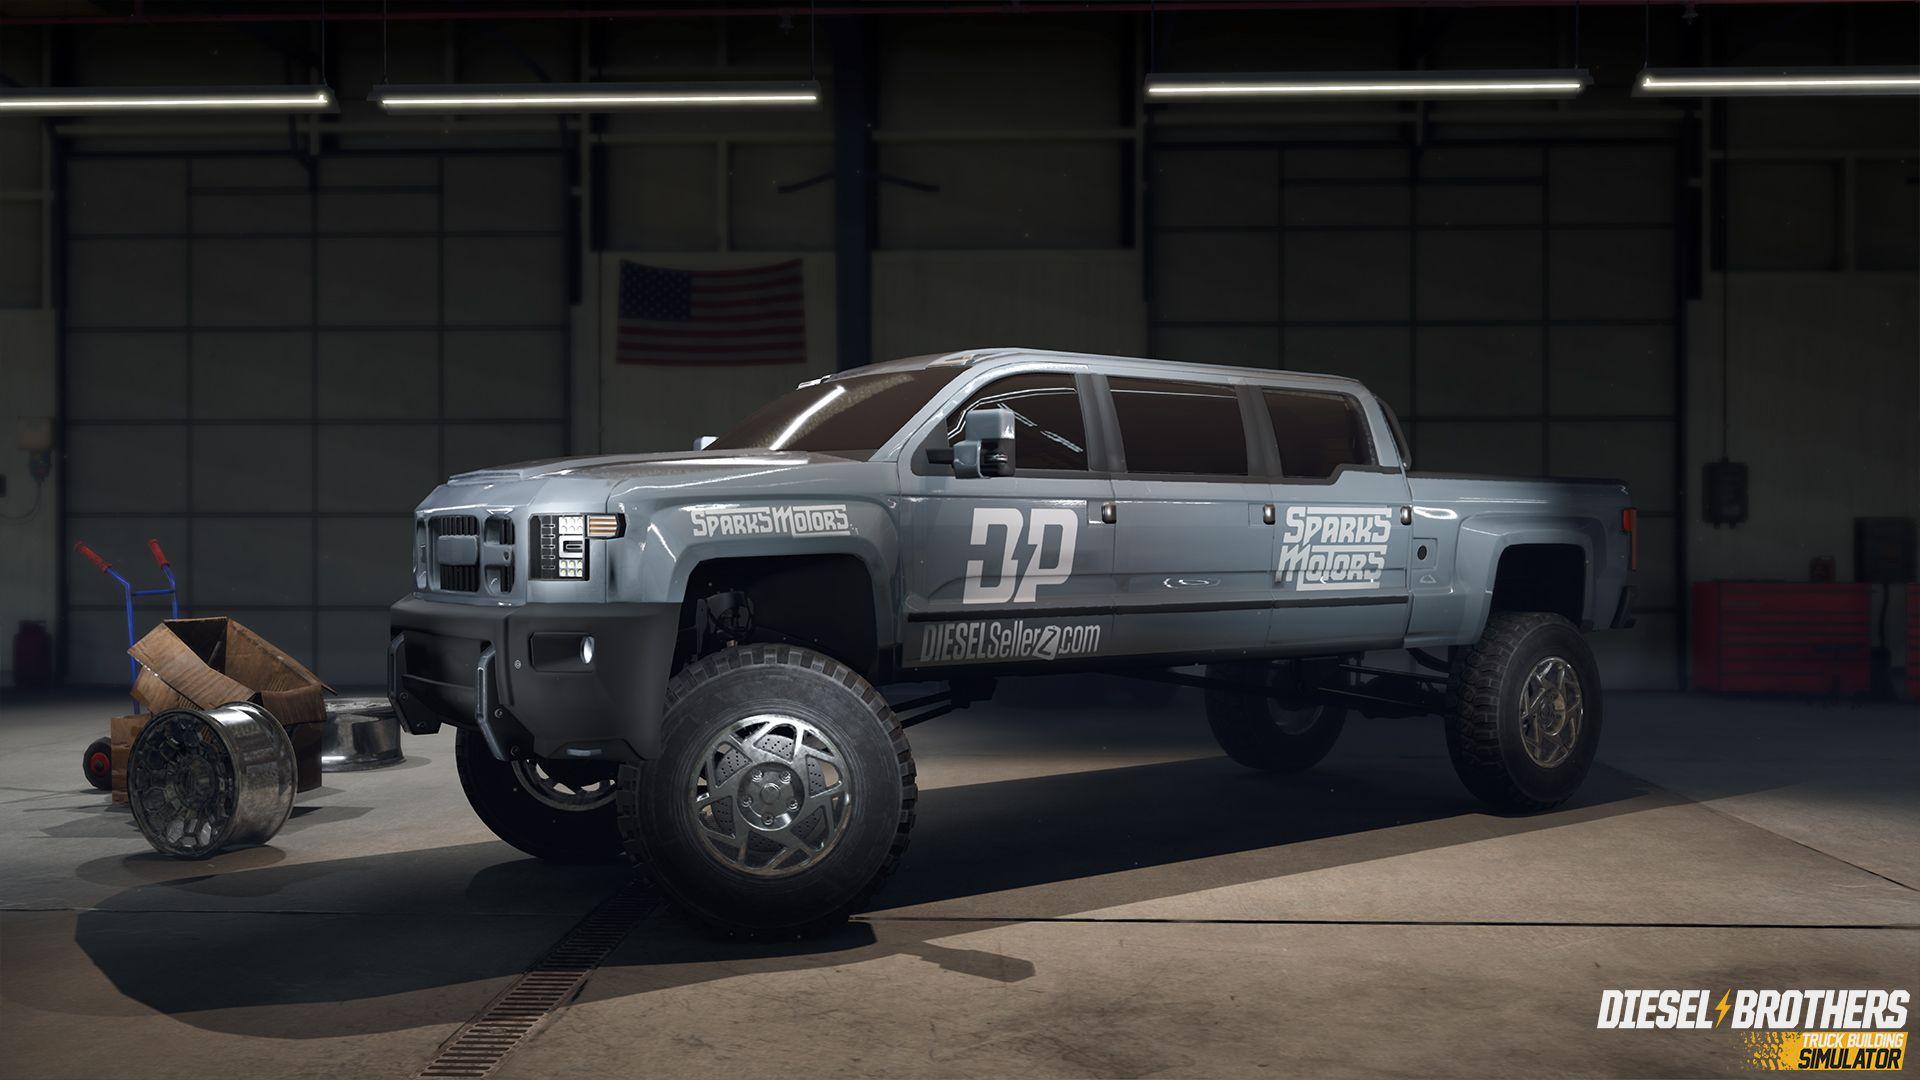 Diesel Brothers Truck Building Simulator Buy Now